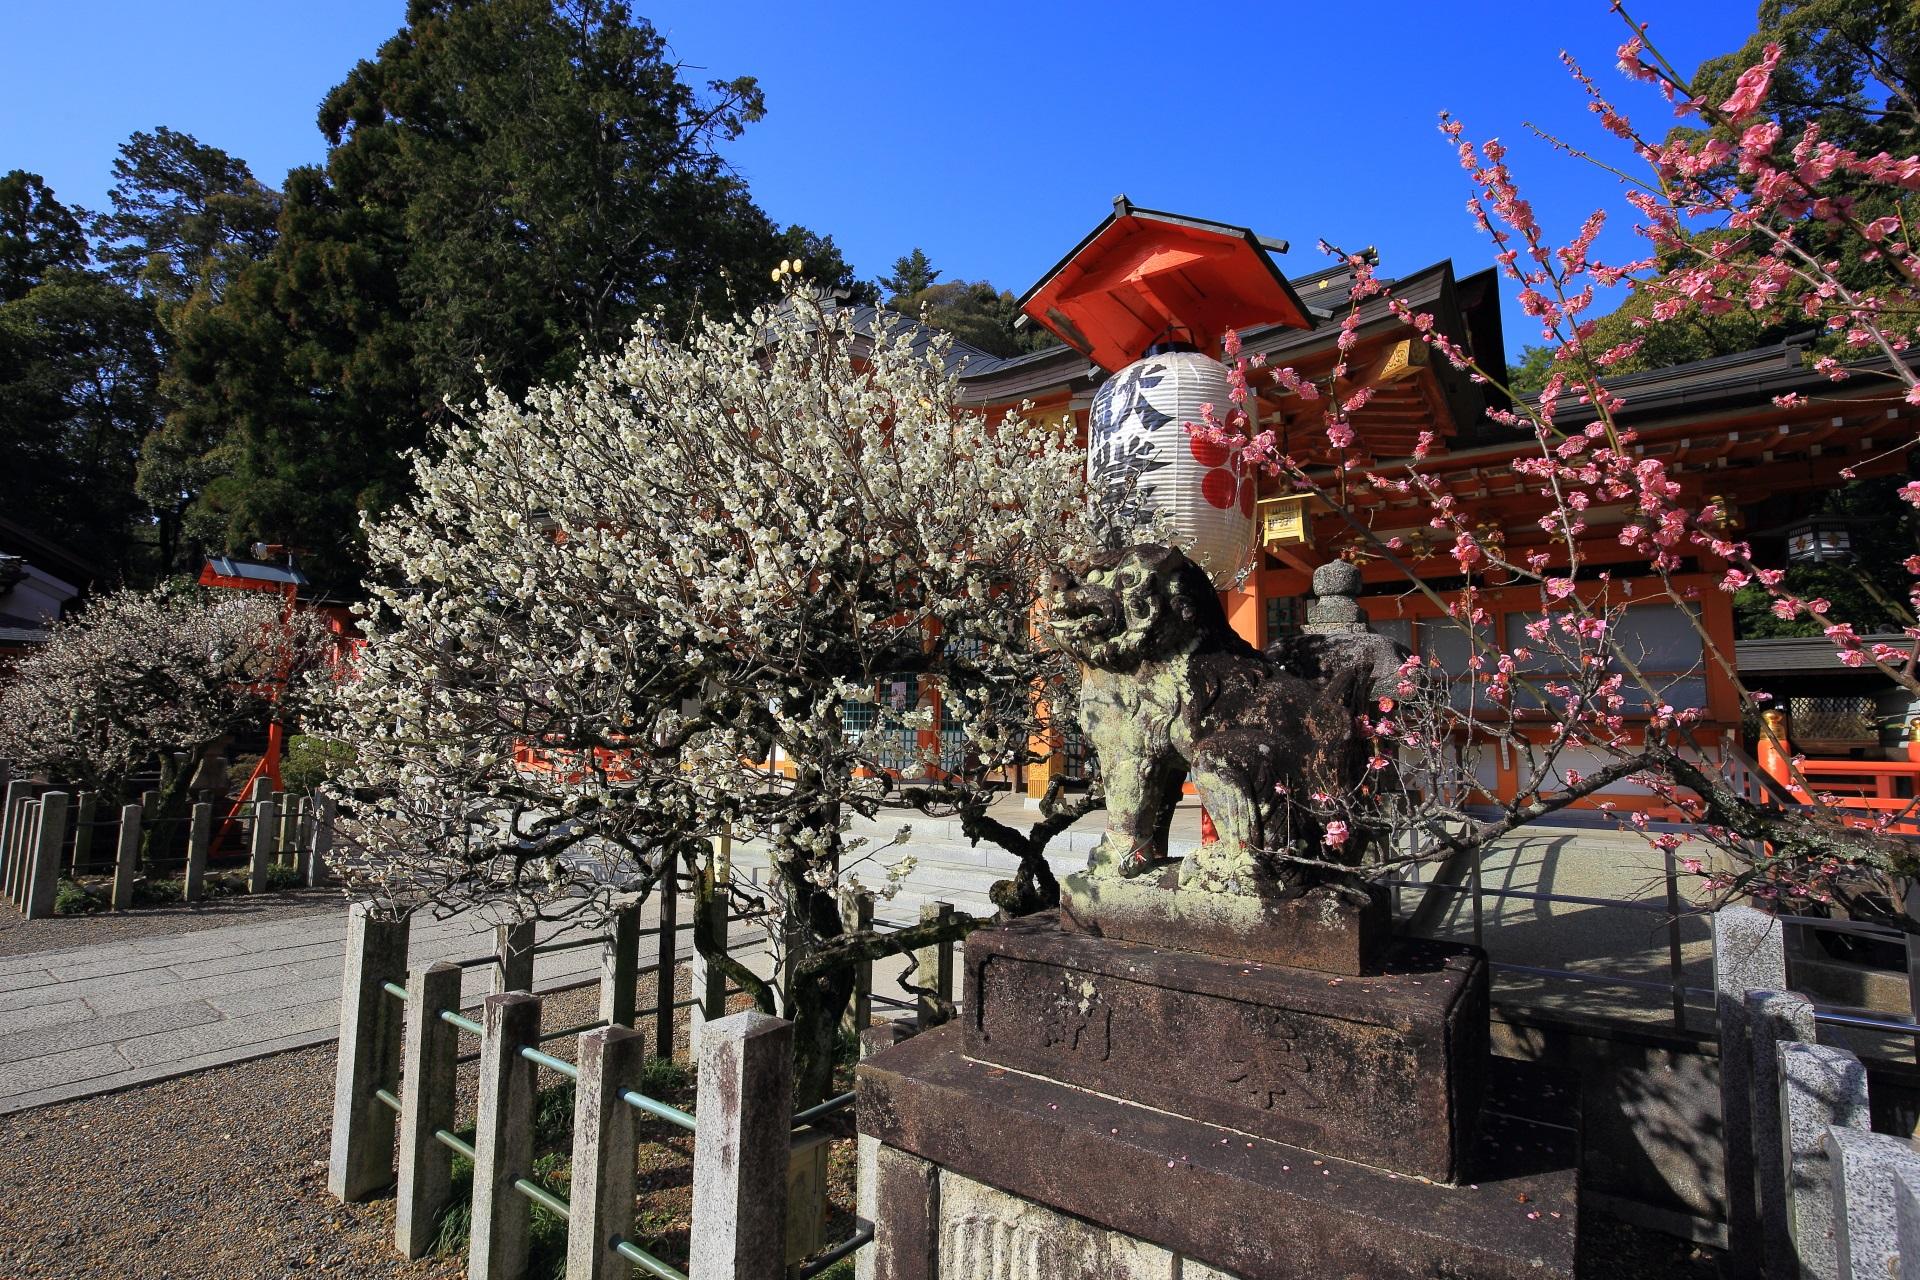 弾けんばかりに咲き誇る白梅と狛犬と彩りそえるピンクの梅